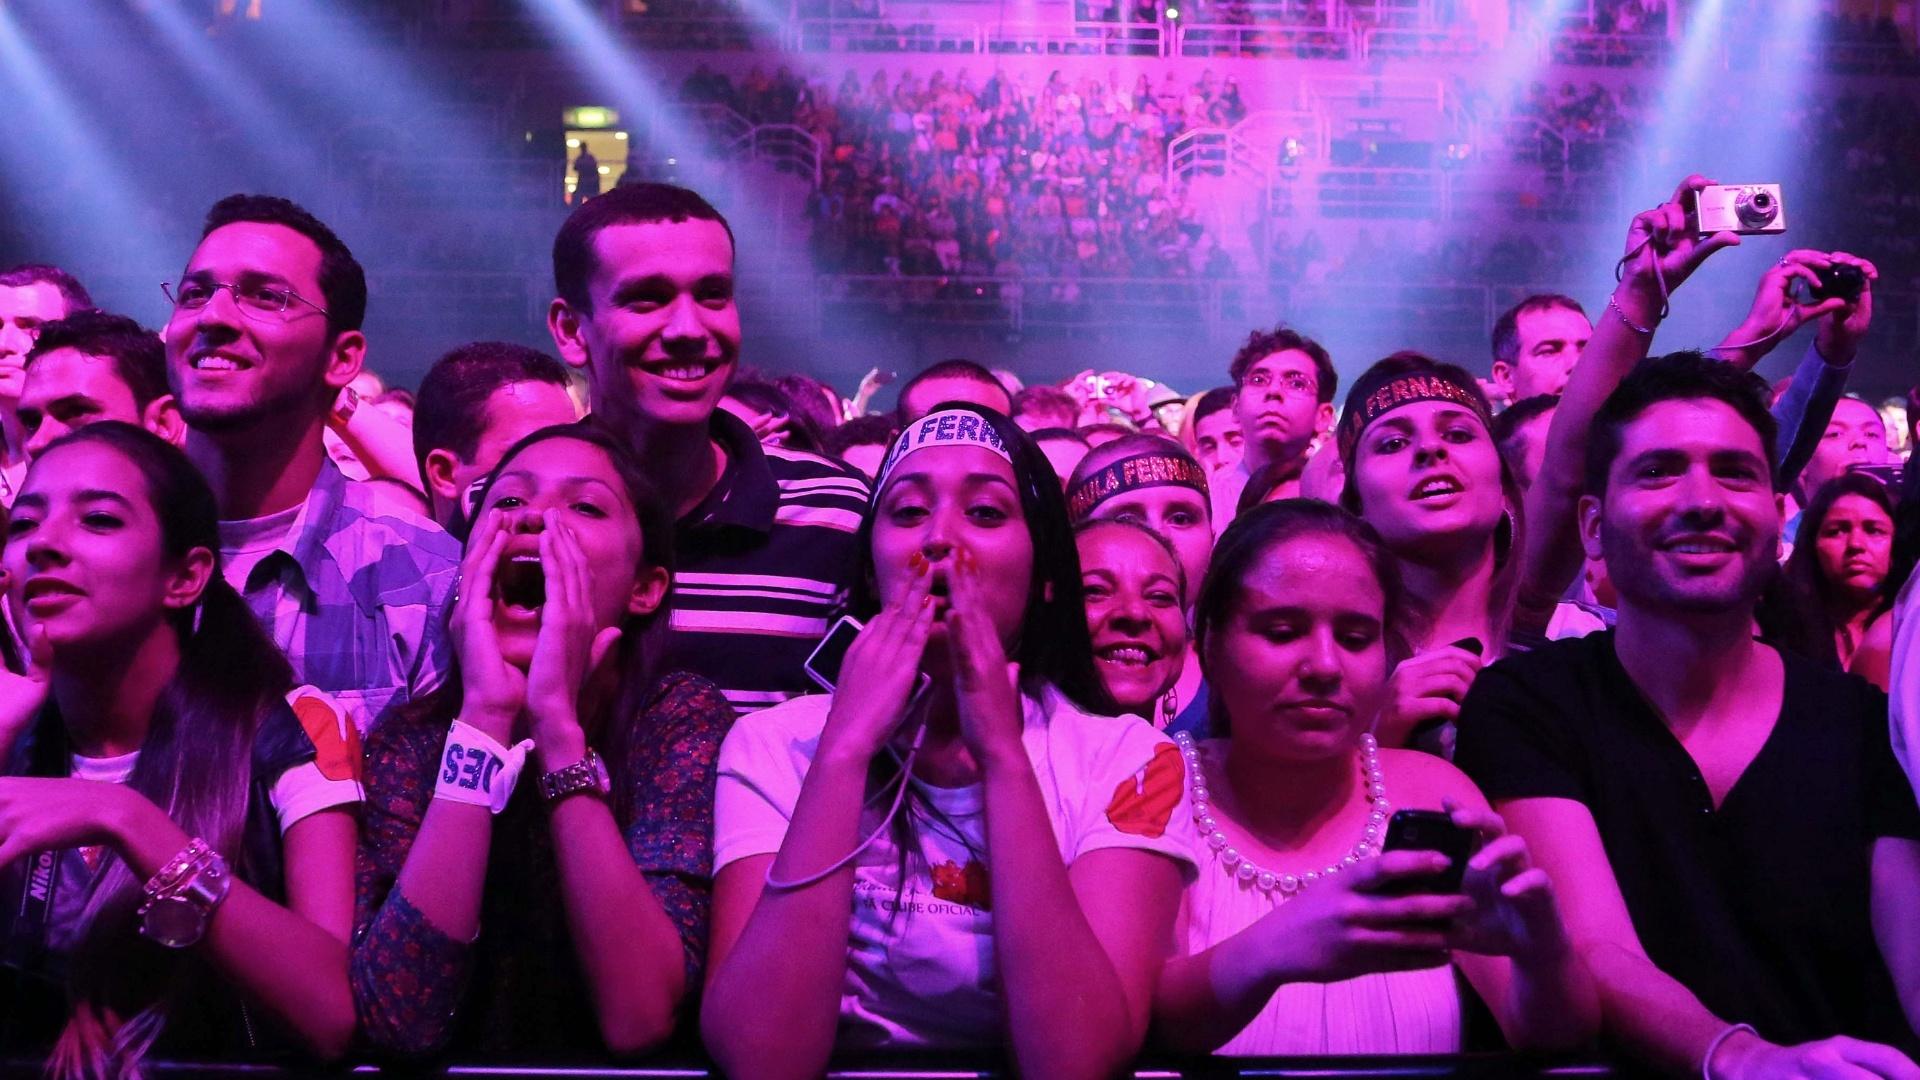 09.jun.2013 - Público carioca lota o HSBC Arena para assistir ao show de gravação do DVD da cantora Paula Fernandes que teve quatro horas de duração, na noite de sábado (8)